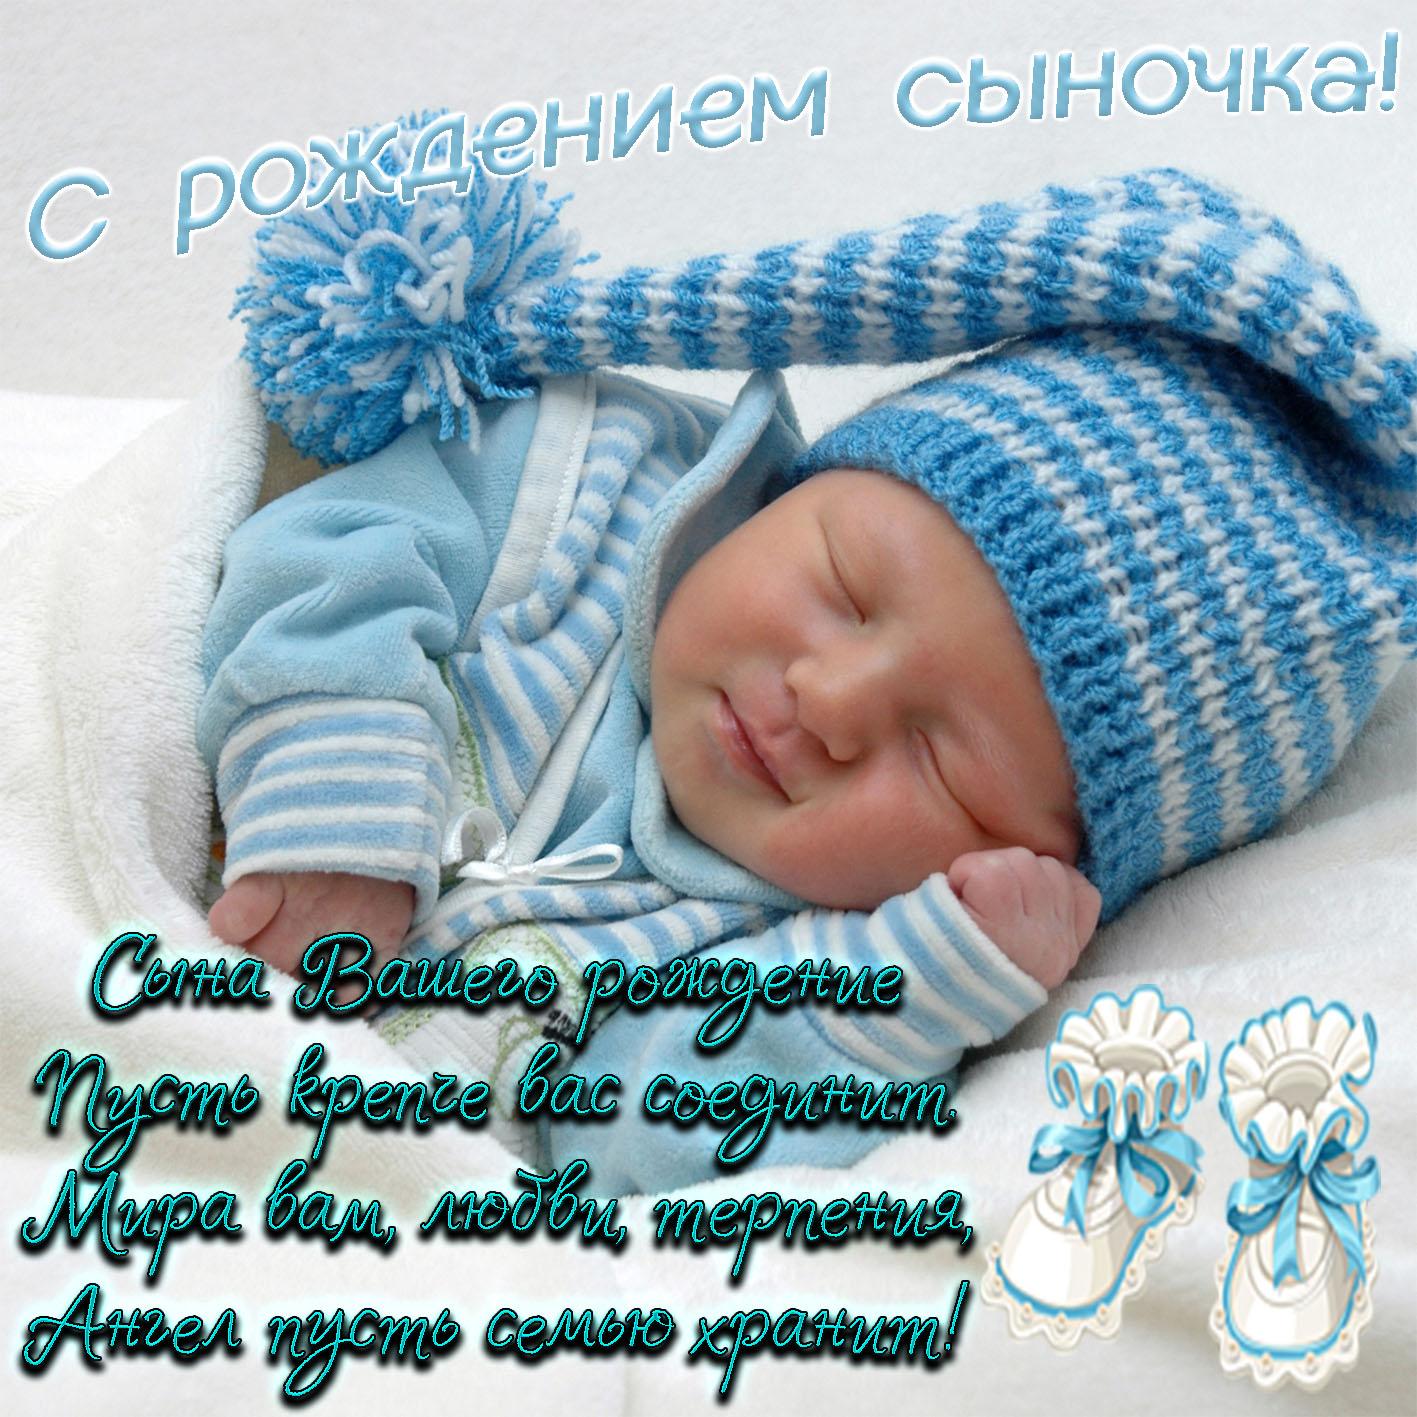 Марта мамочке, картинки с рождением сына вк